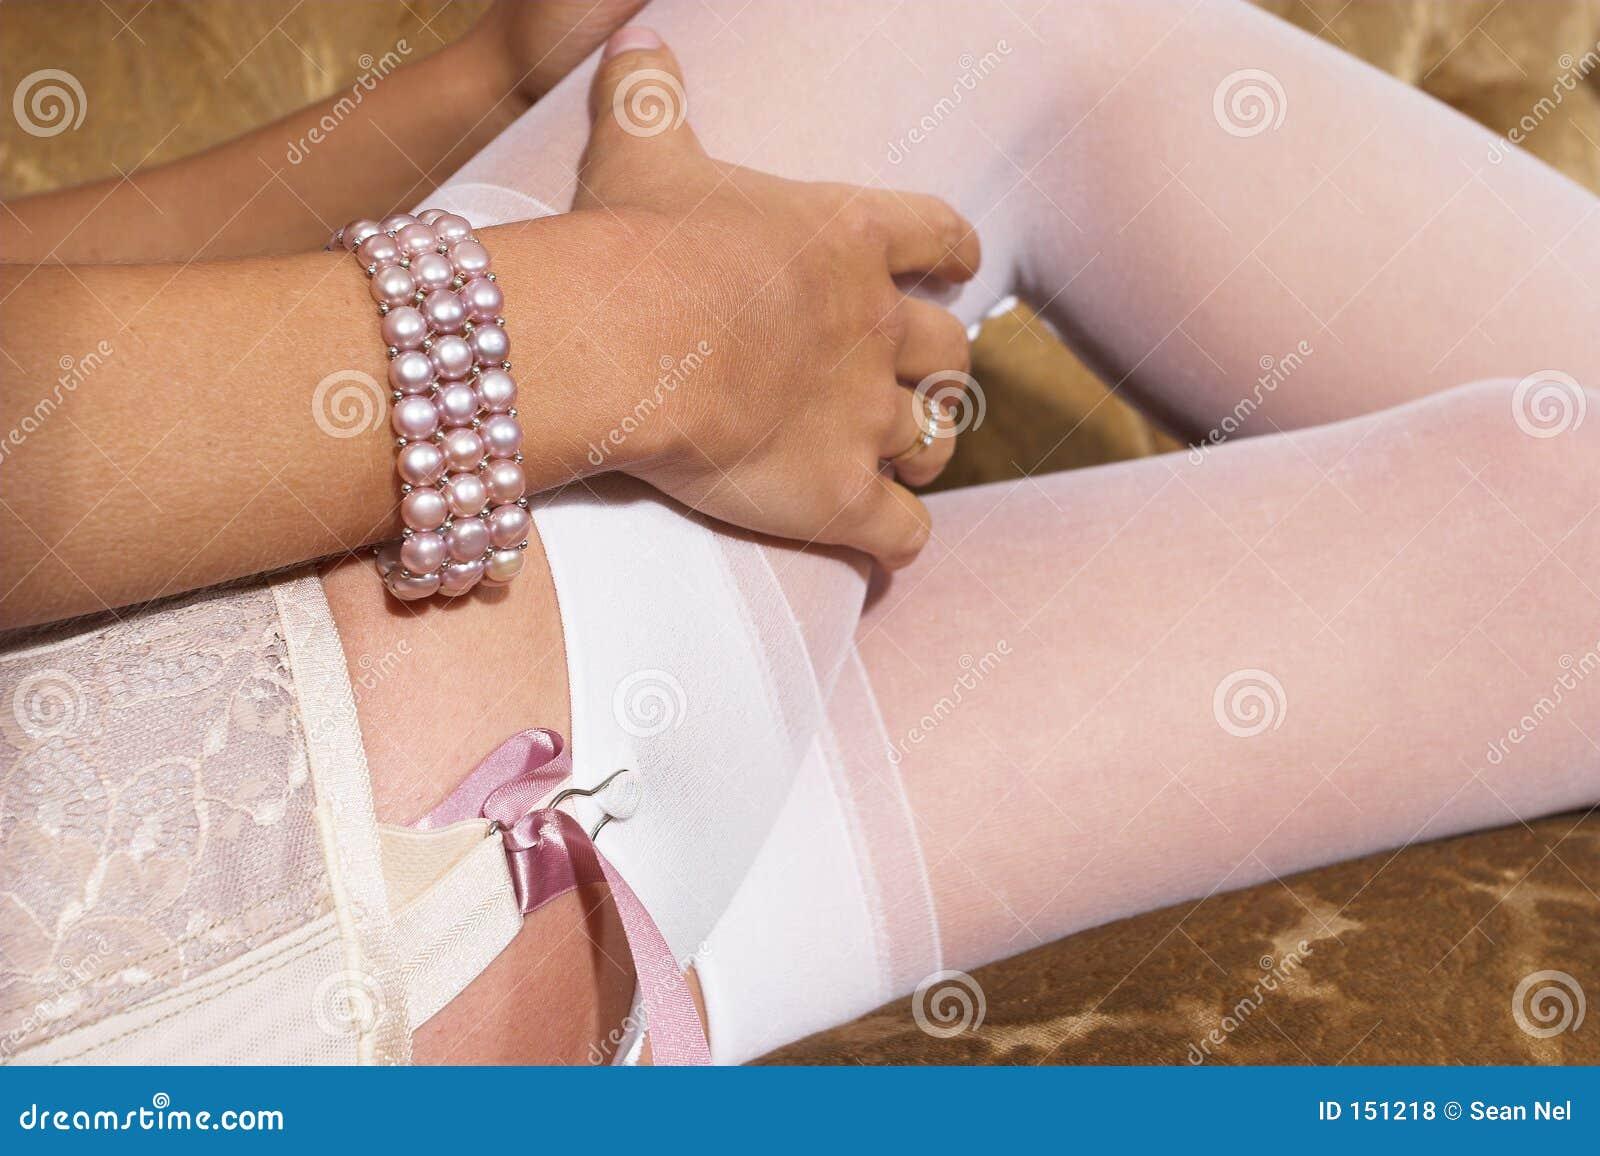 18女用贴身内衣裤